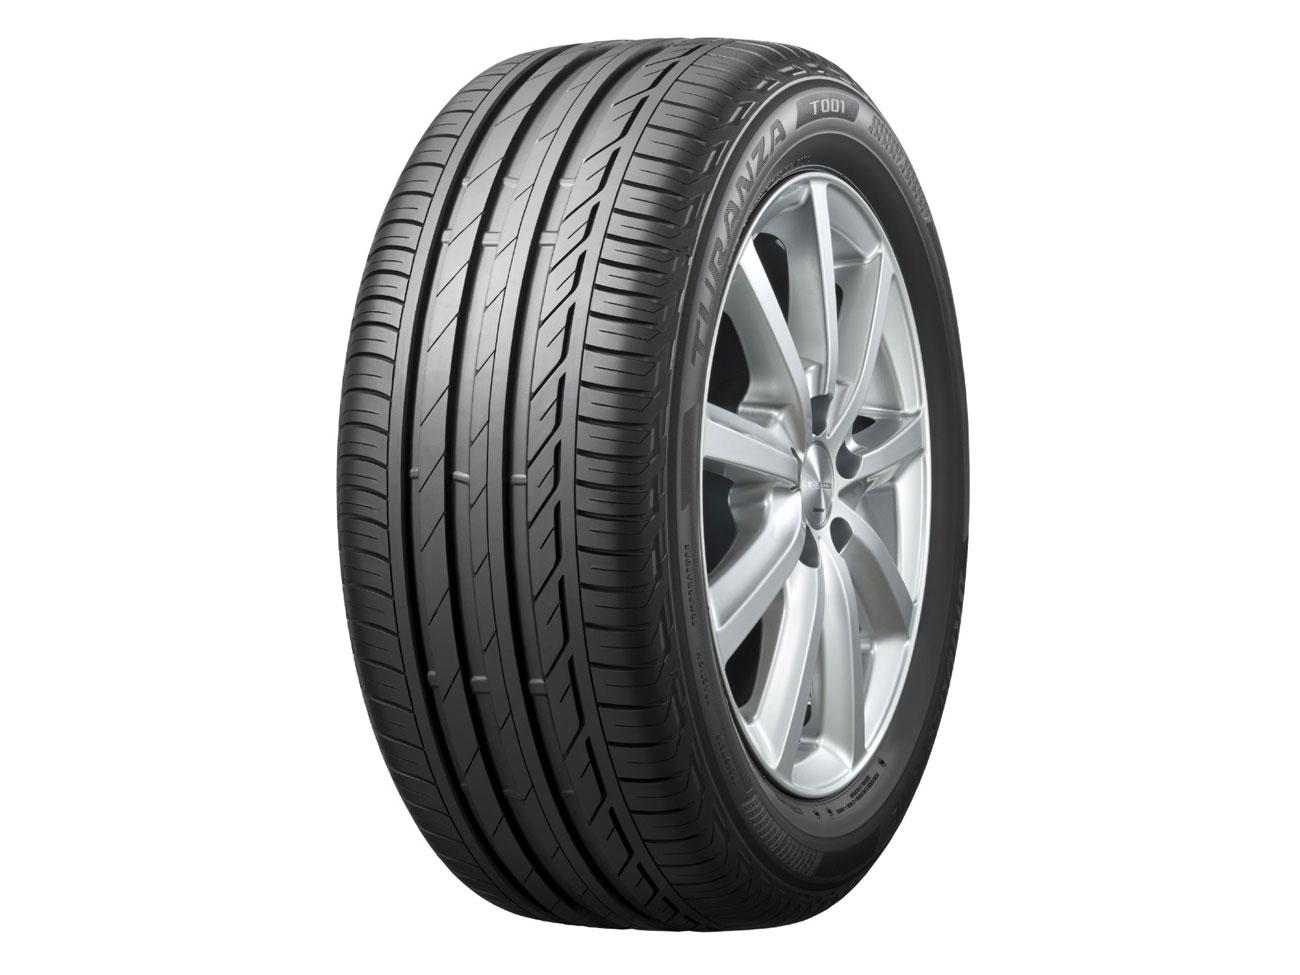 Bridgestone Turanza T001 Runflat 225/50/R18 Tyre